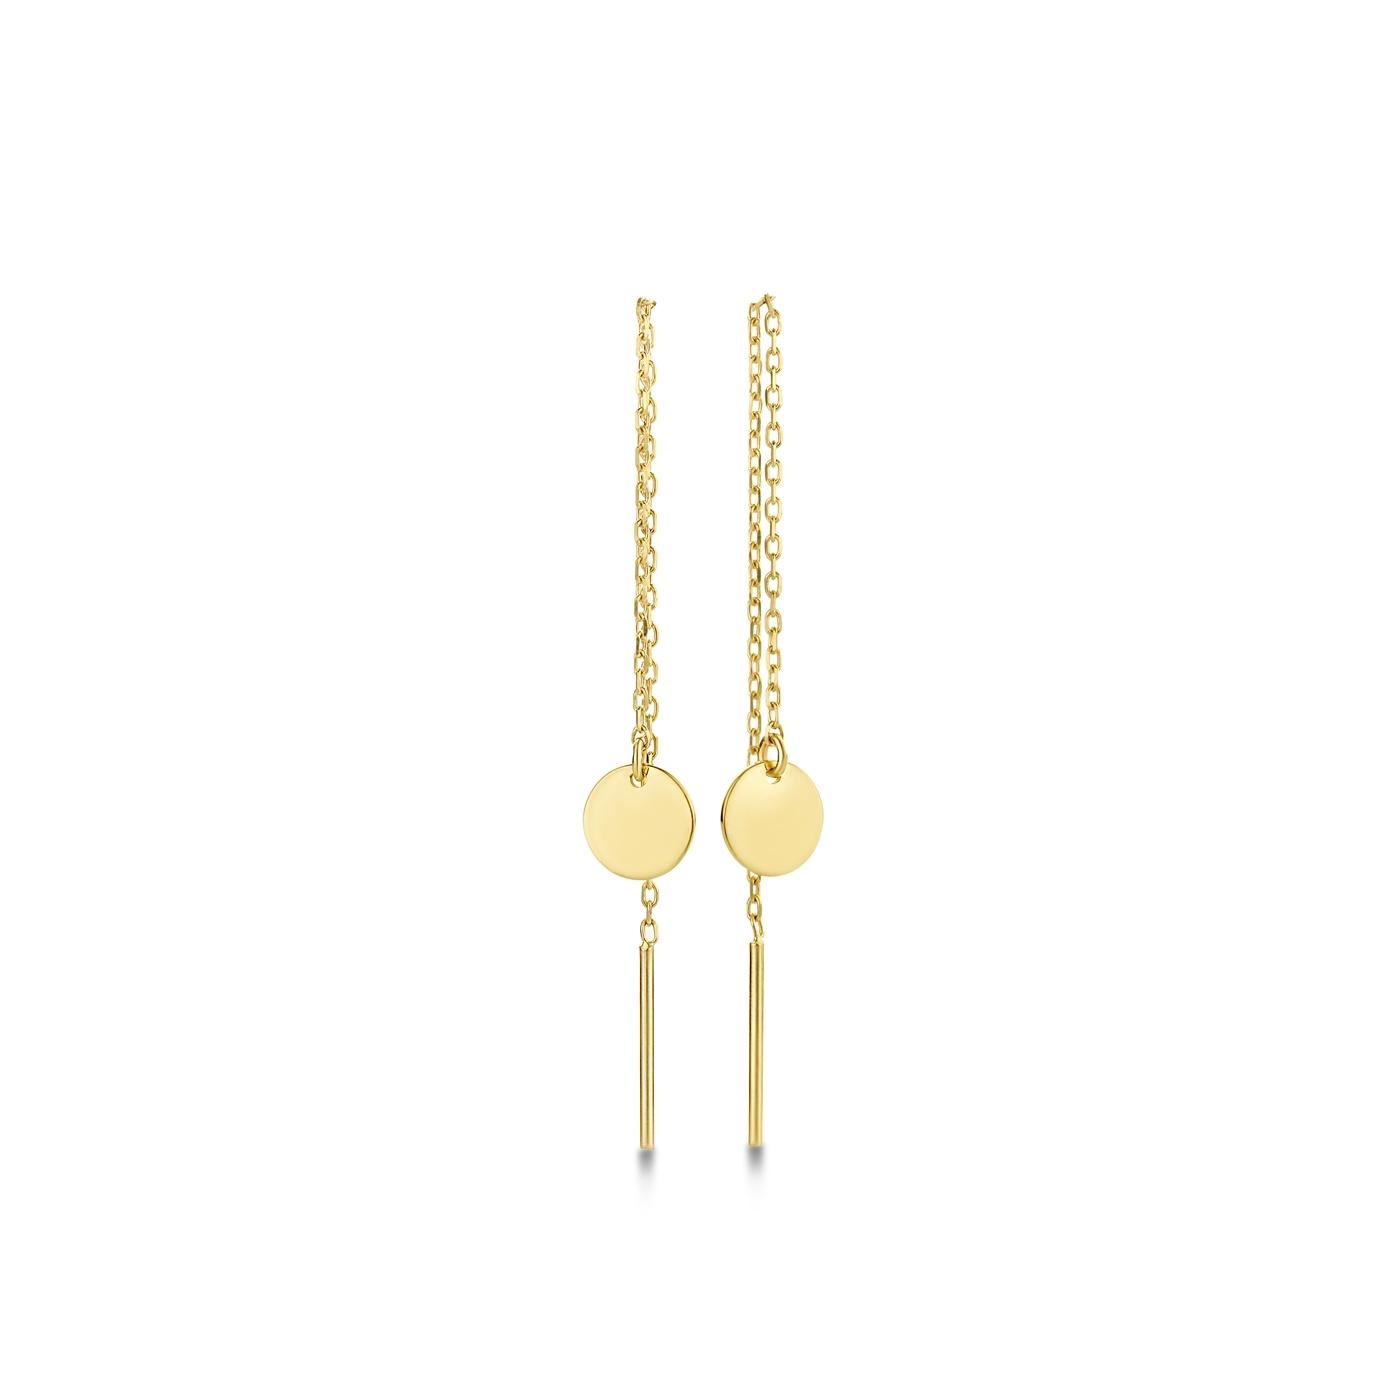 Isabel Bernard Le Marais Jeanne orecchini pendenti in oro 14 carati